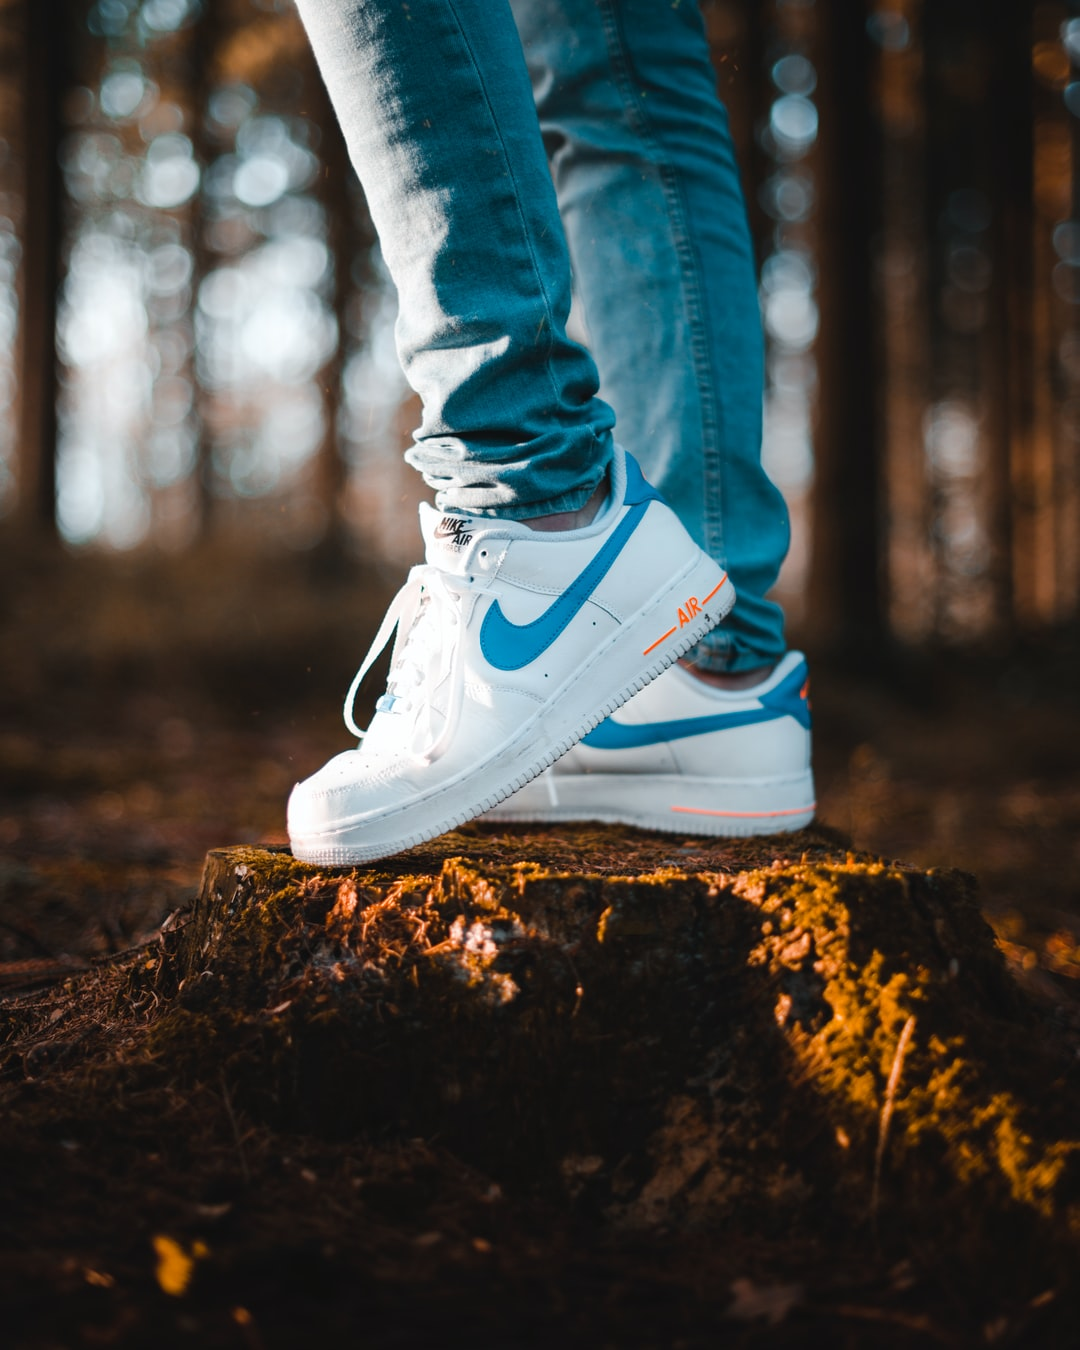 przybywa moda sprzedawane na całym świecie person wearing blue denim jeans and white Nike Air Max shoes ...